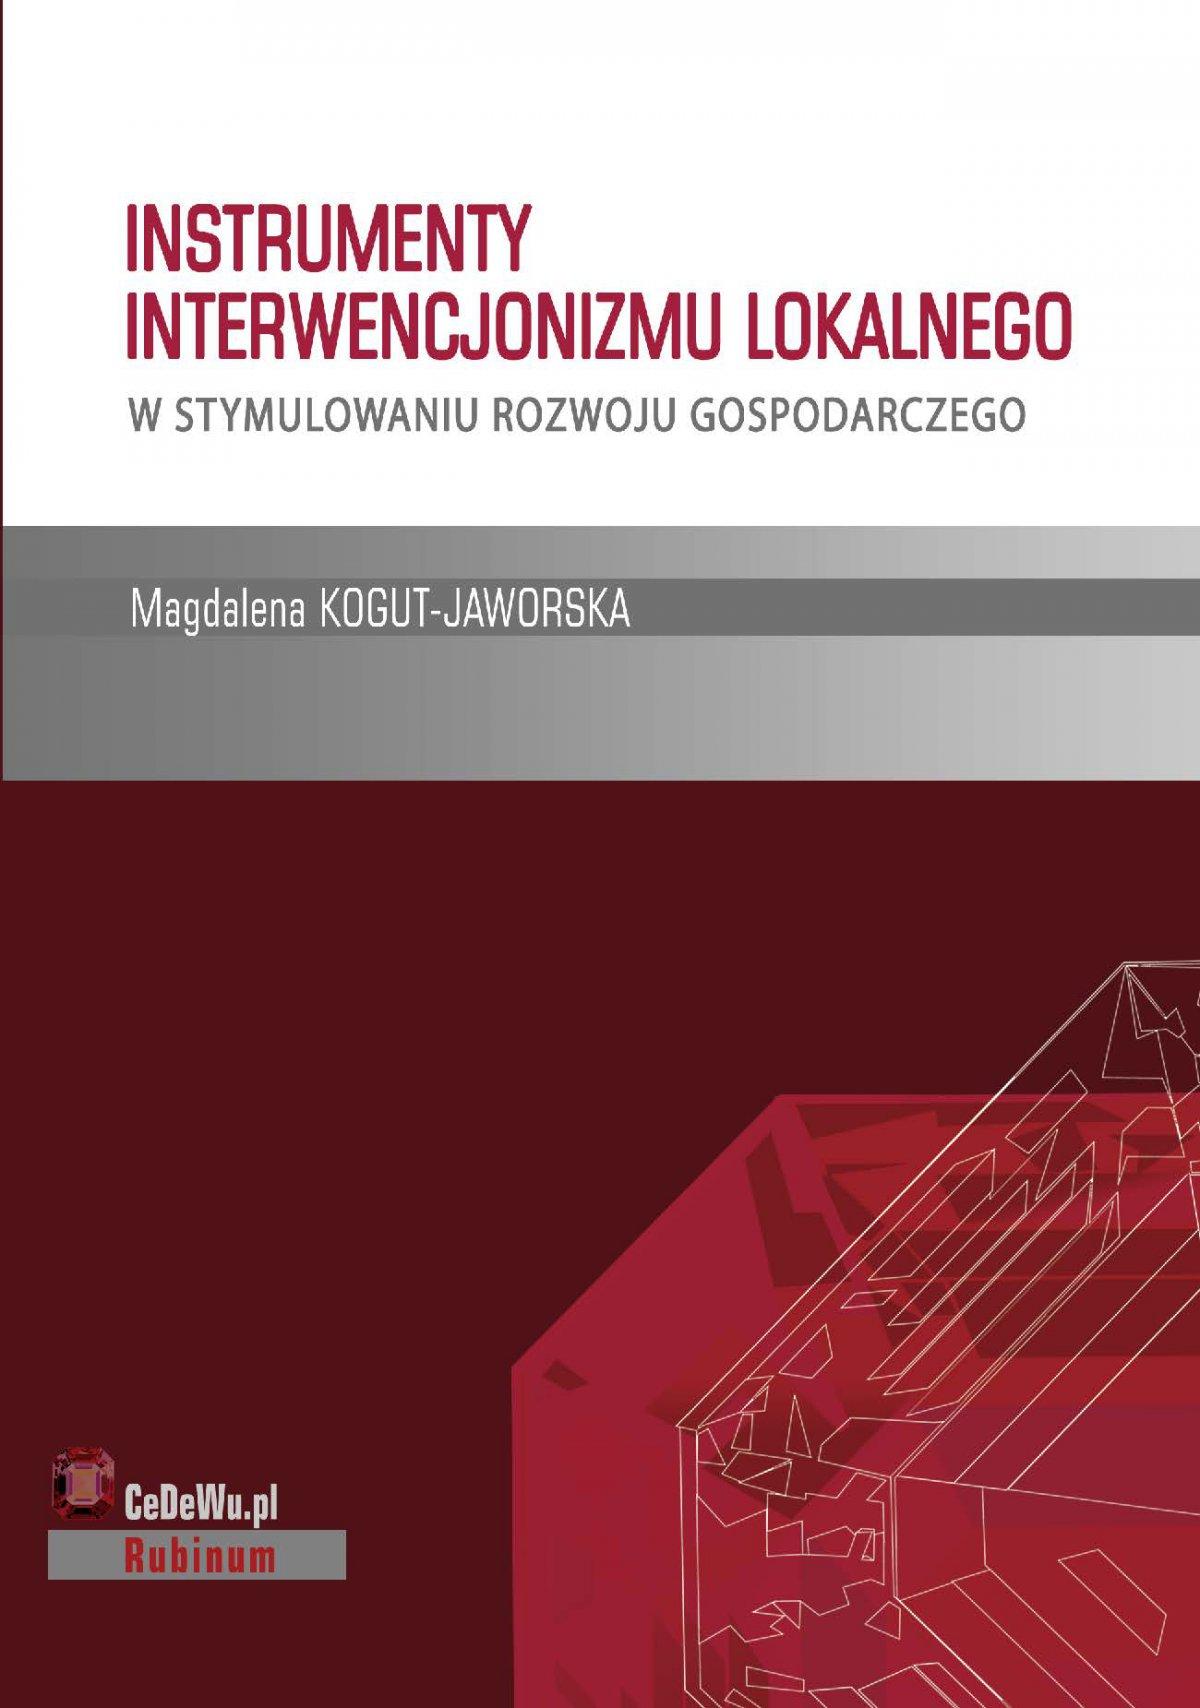 Instrumenty interwencjonizmu lokalnego w stymulowaniu rozwoju gospodarczego. Rozdział 2. PROJECT FINANCE W INWESTYCJACH INFRASTRUKTURALNYCH - Ebook (Książka PDF) do pobrania w formacie PDF